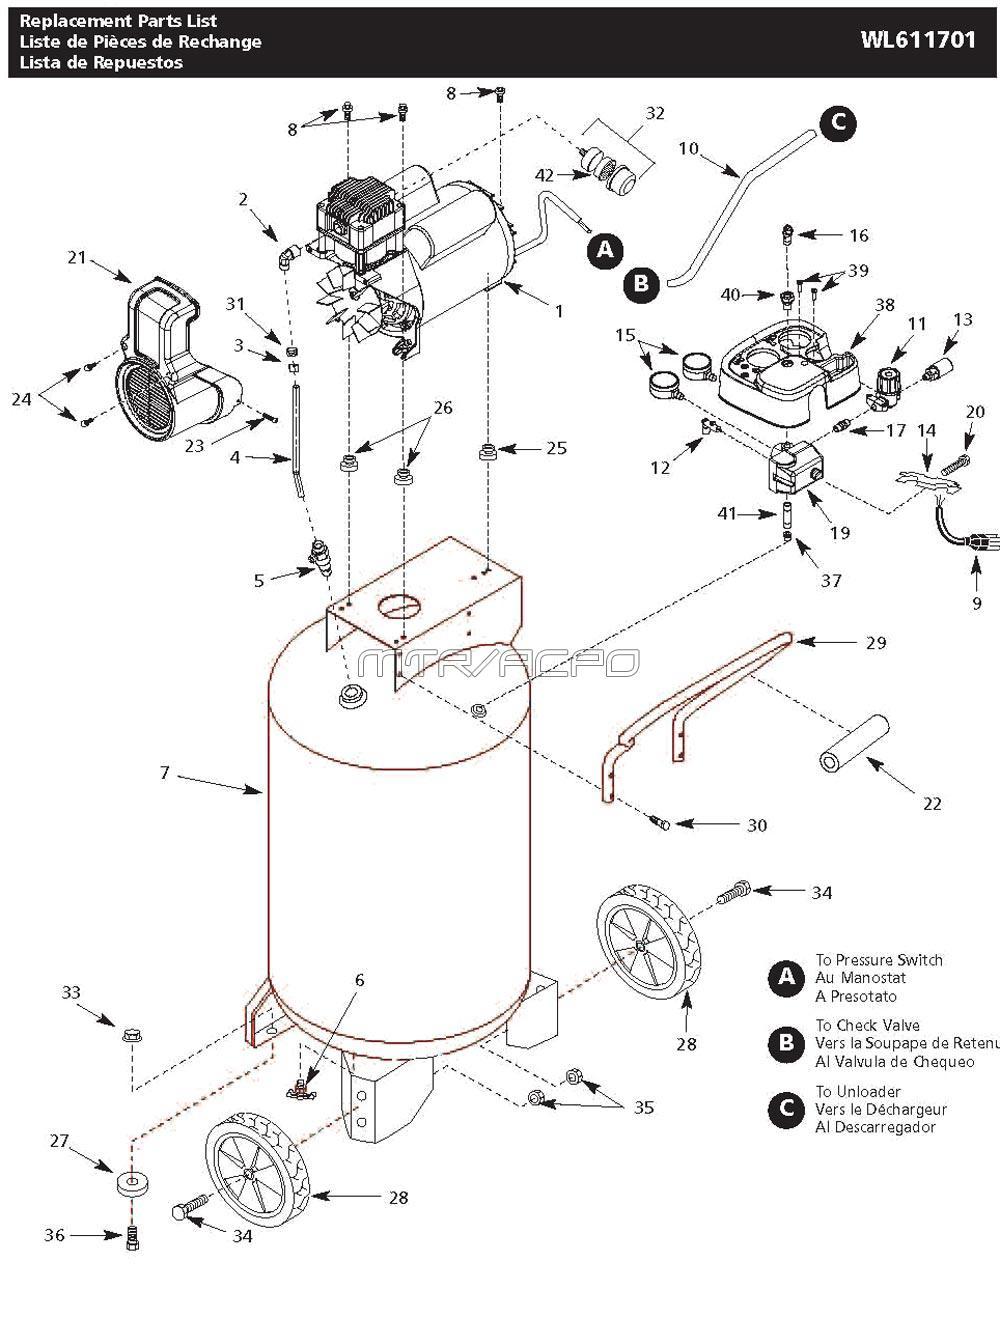 Campbell Hausfeld Air Compressor Parts Diagram Repair Parts For The Campbell Hausfeld Model Wl611701 Portable Air